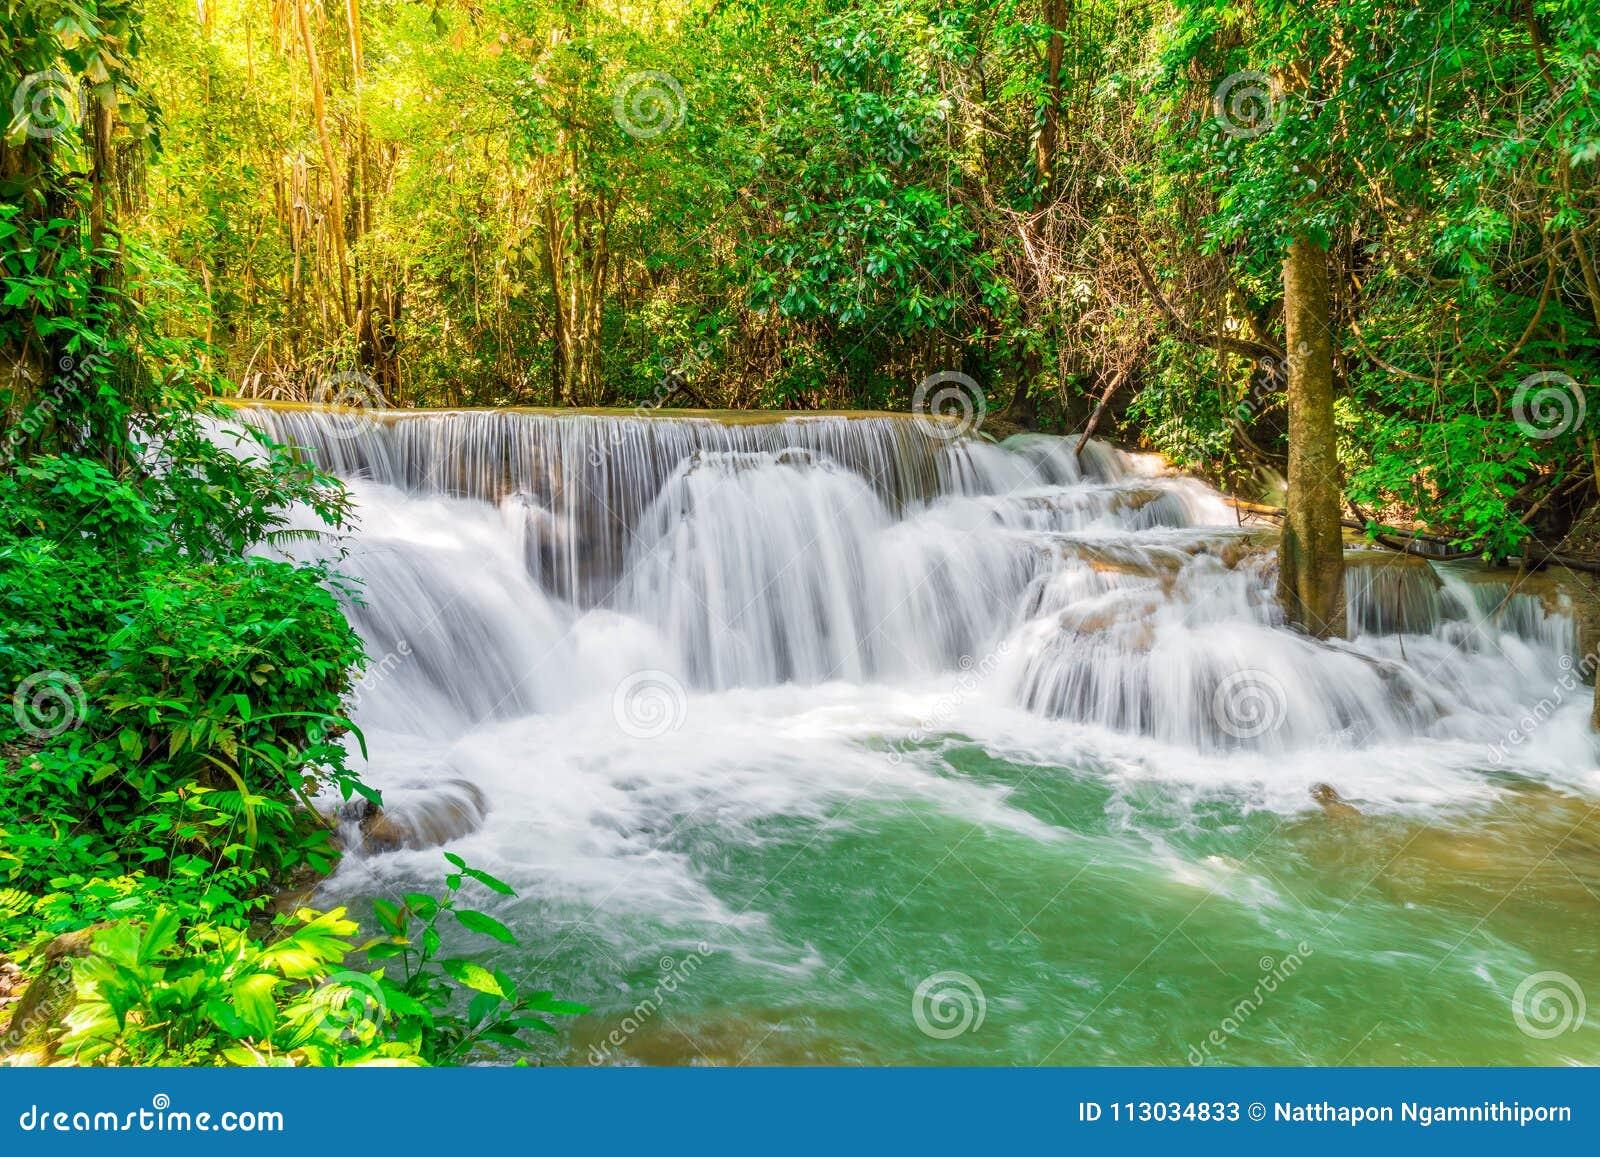 Huay Mae Kamin Waterfall en Kanchanaburi en Tailandia